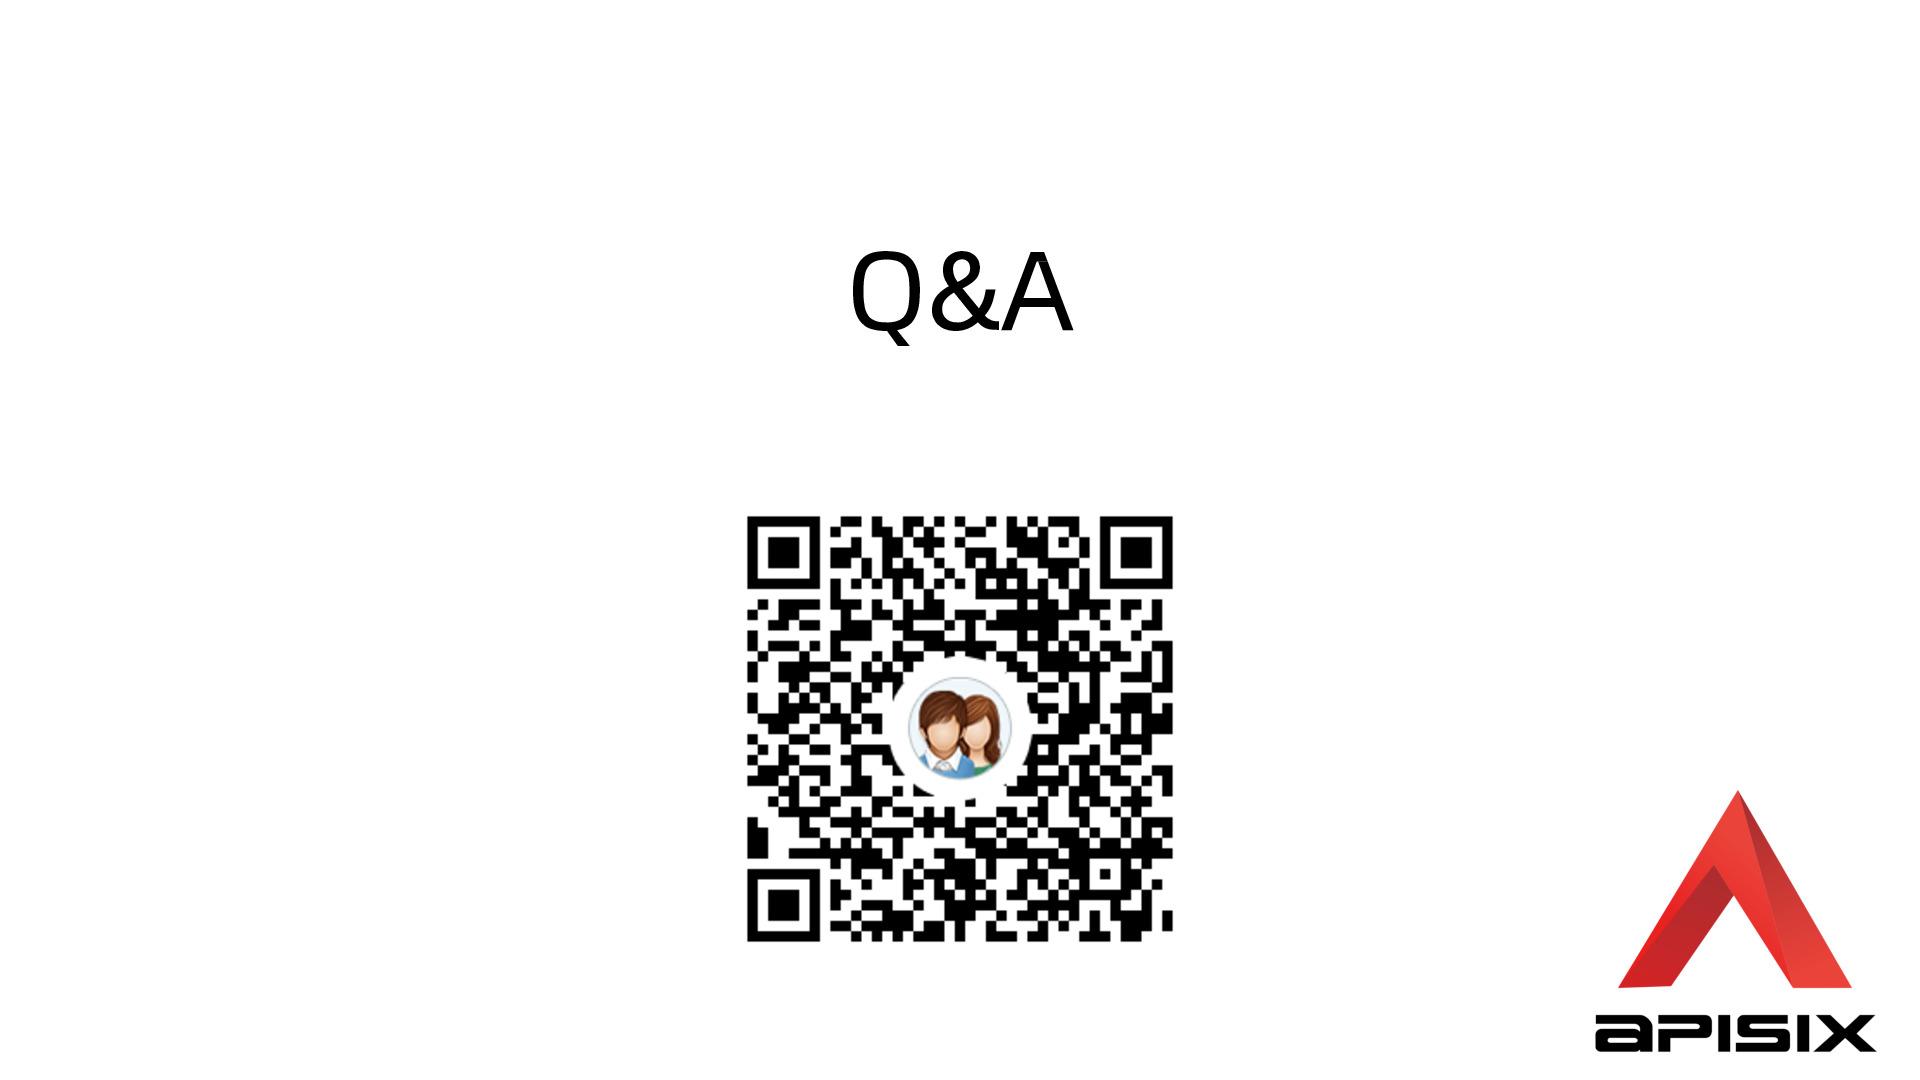 https://opentalk-blog.b0.upaiyun.com/prod/2019-09-01/6f097233d290b4e1443b0d8e2f6c7f4e